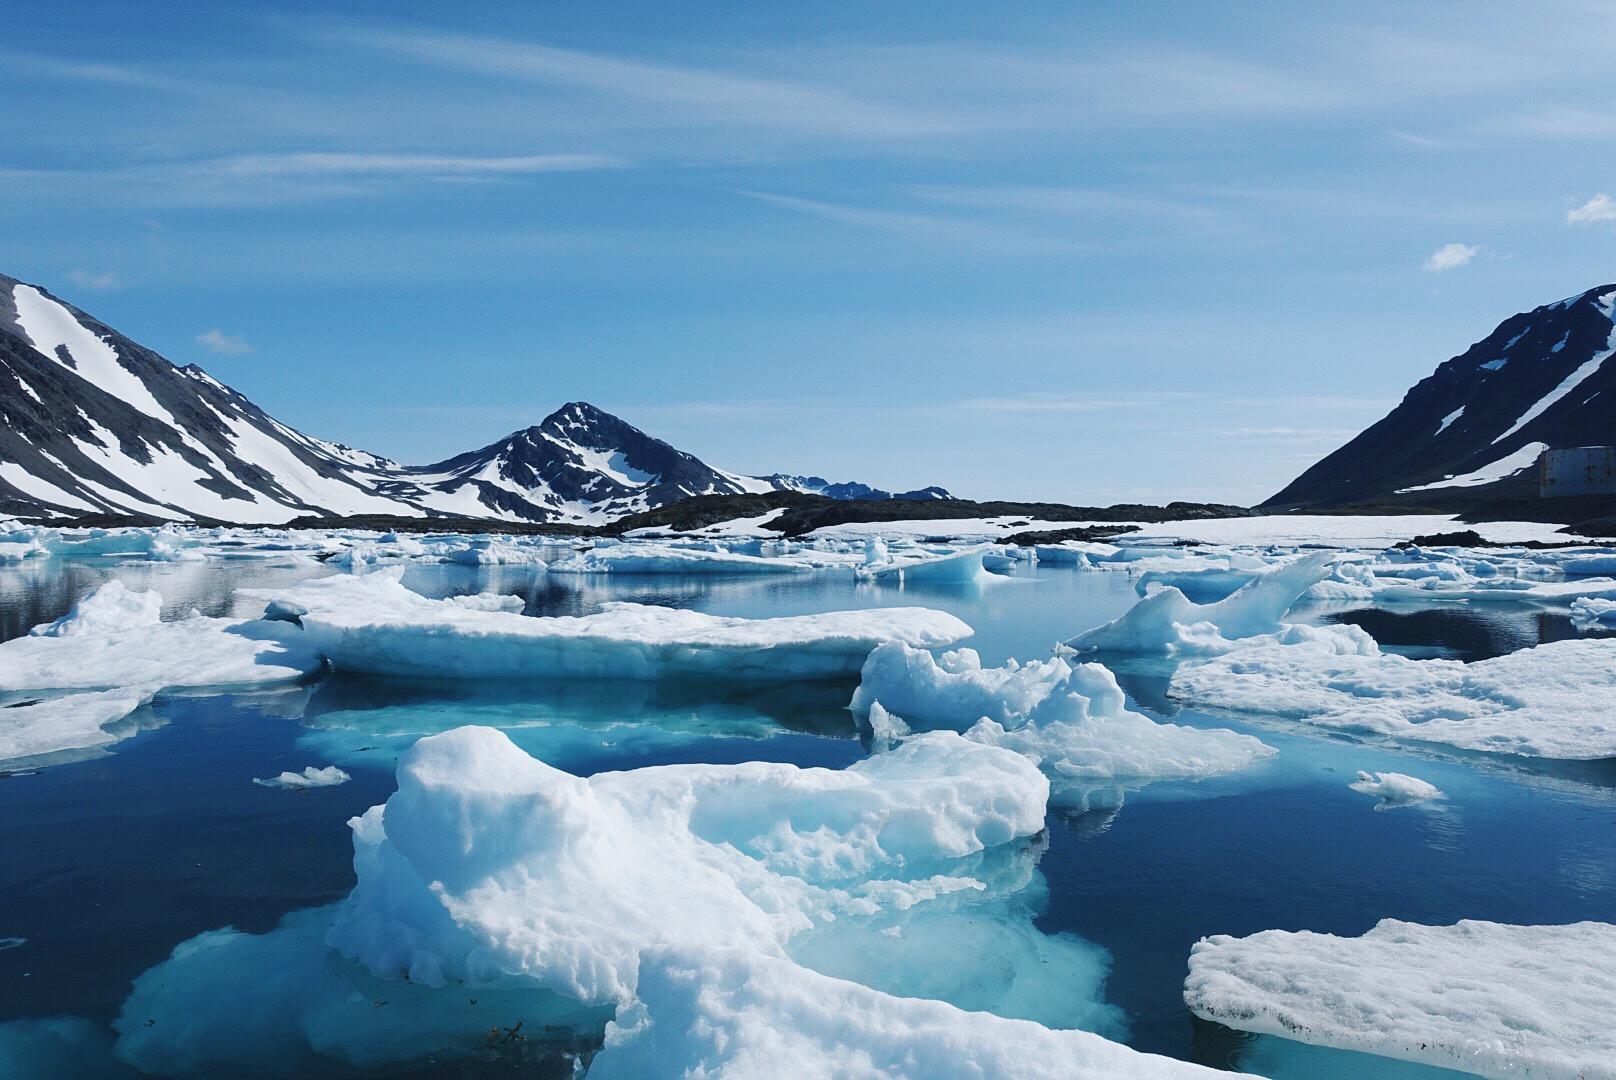 Die Fjorde rund um das grönländische Dorf Kulusuk sind für ihre zahlreichen Eisberge und Wale berühmt.